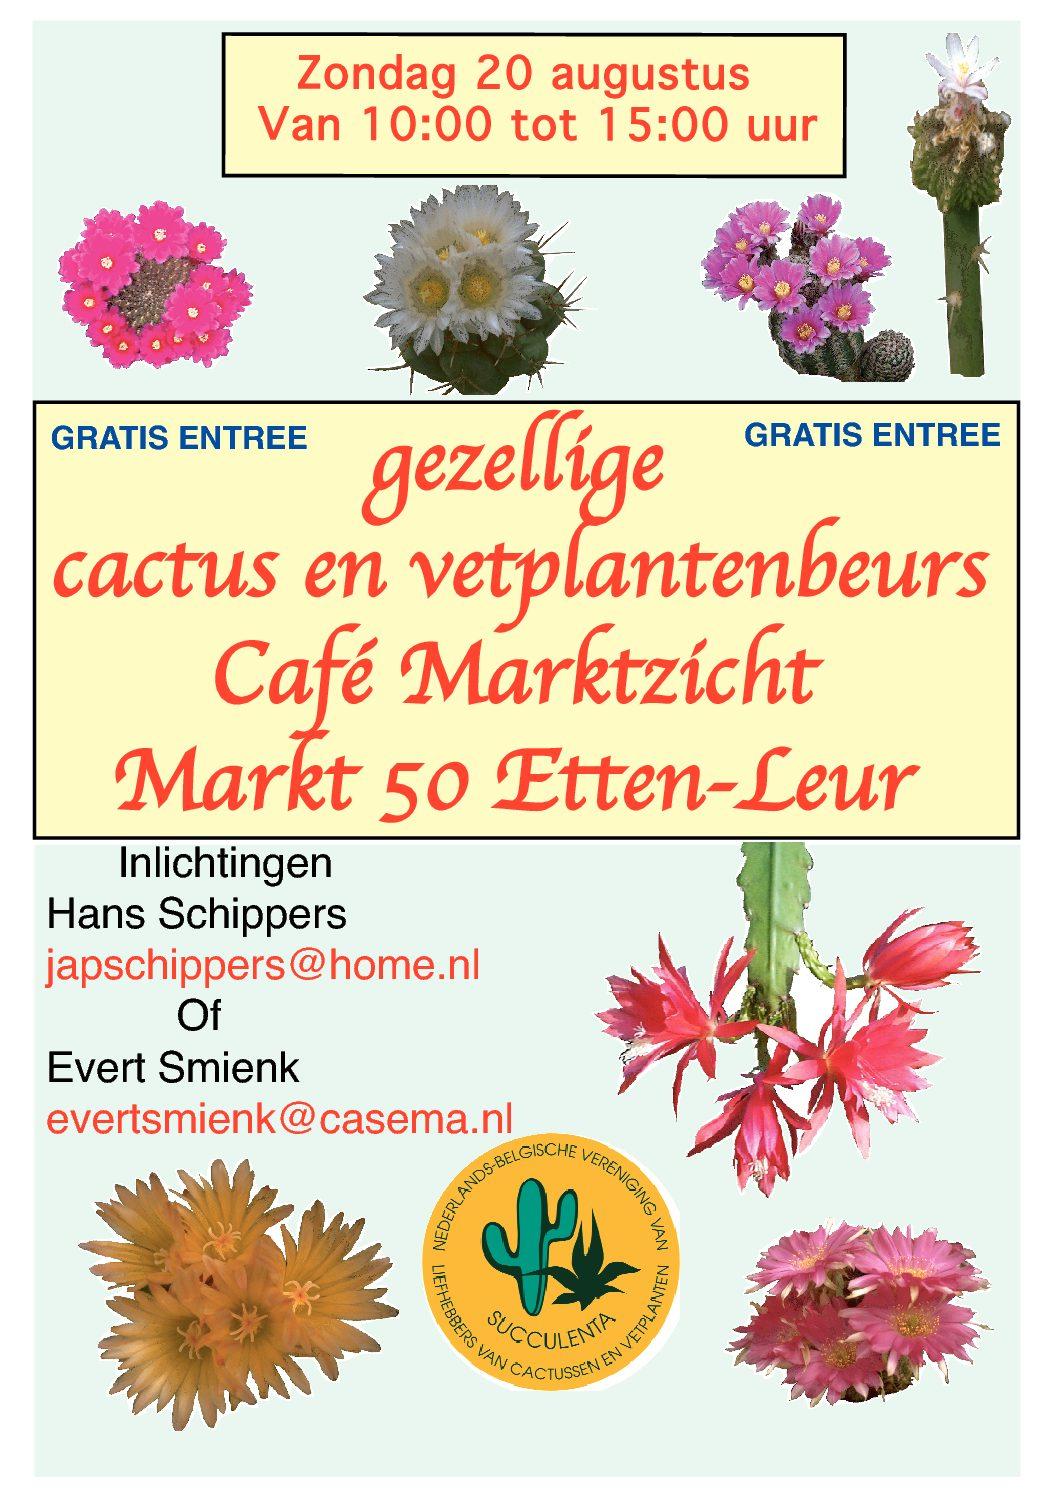 Succulentenbeurs Op 20 Augustus In Etten-Leur